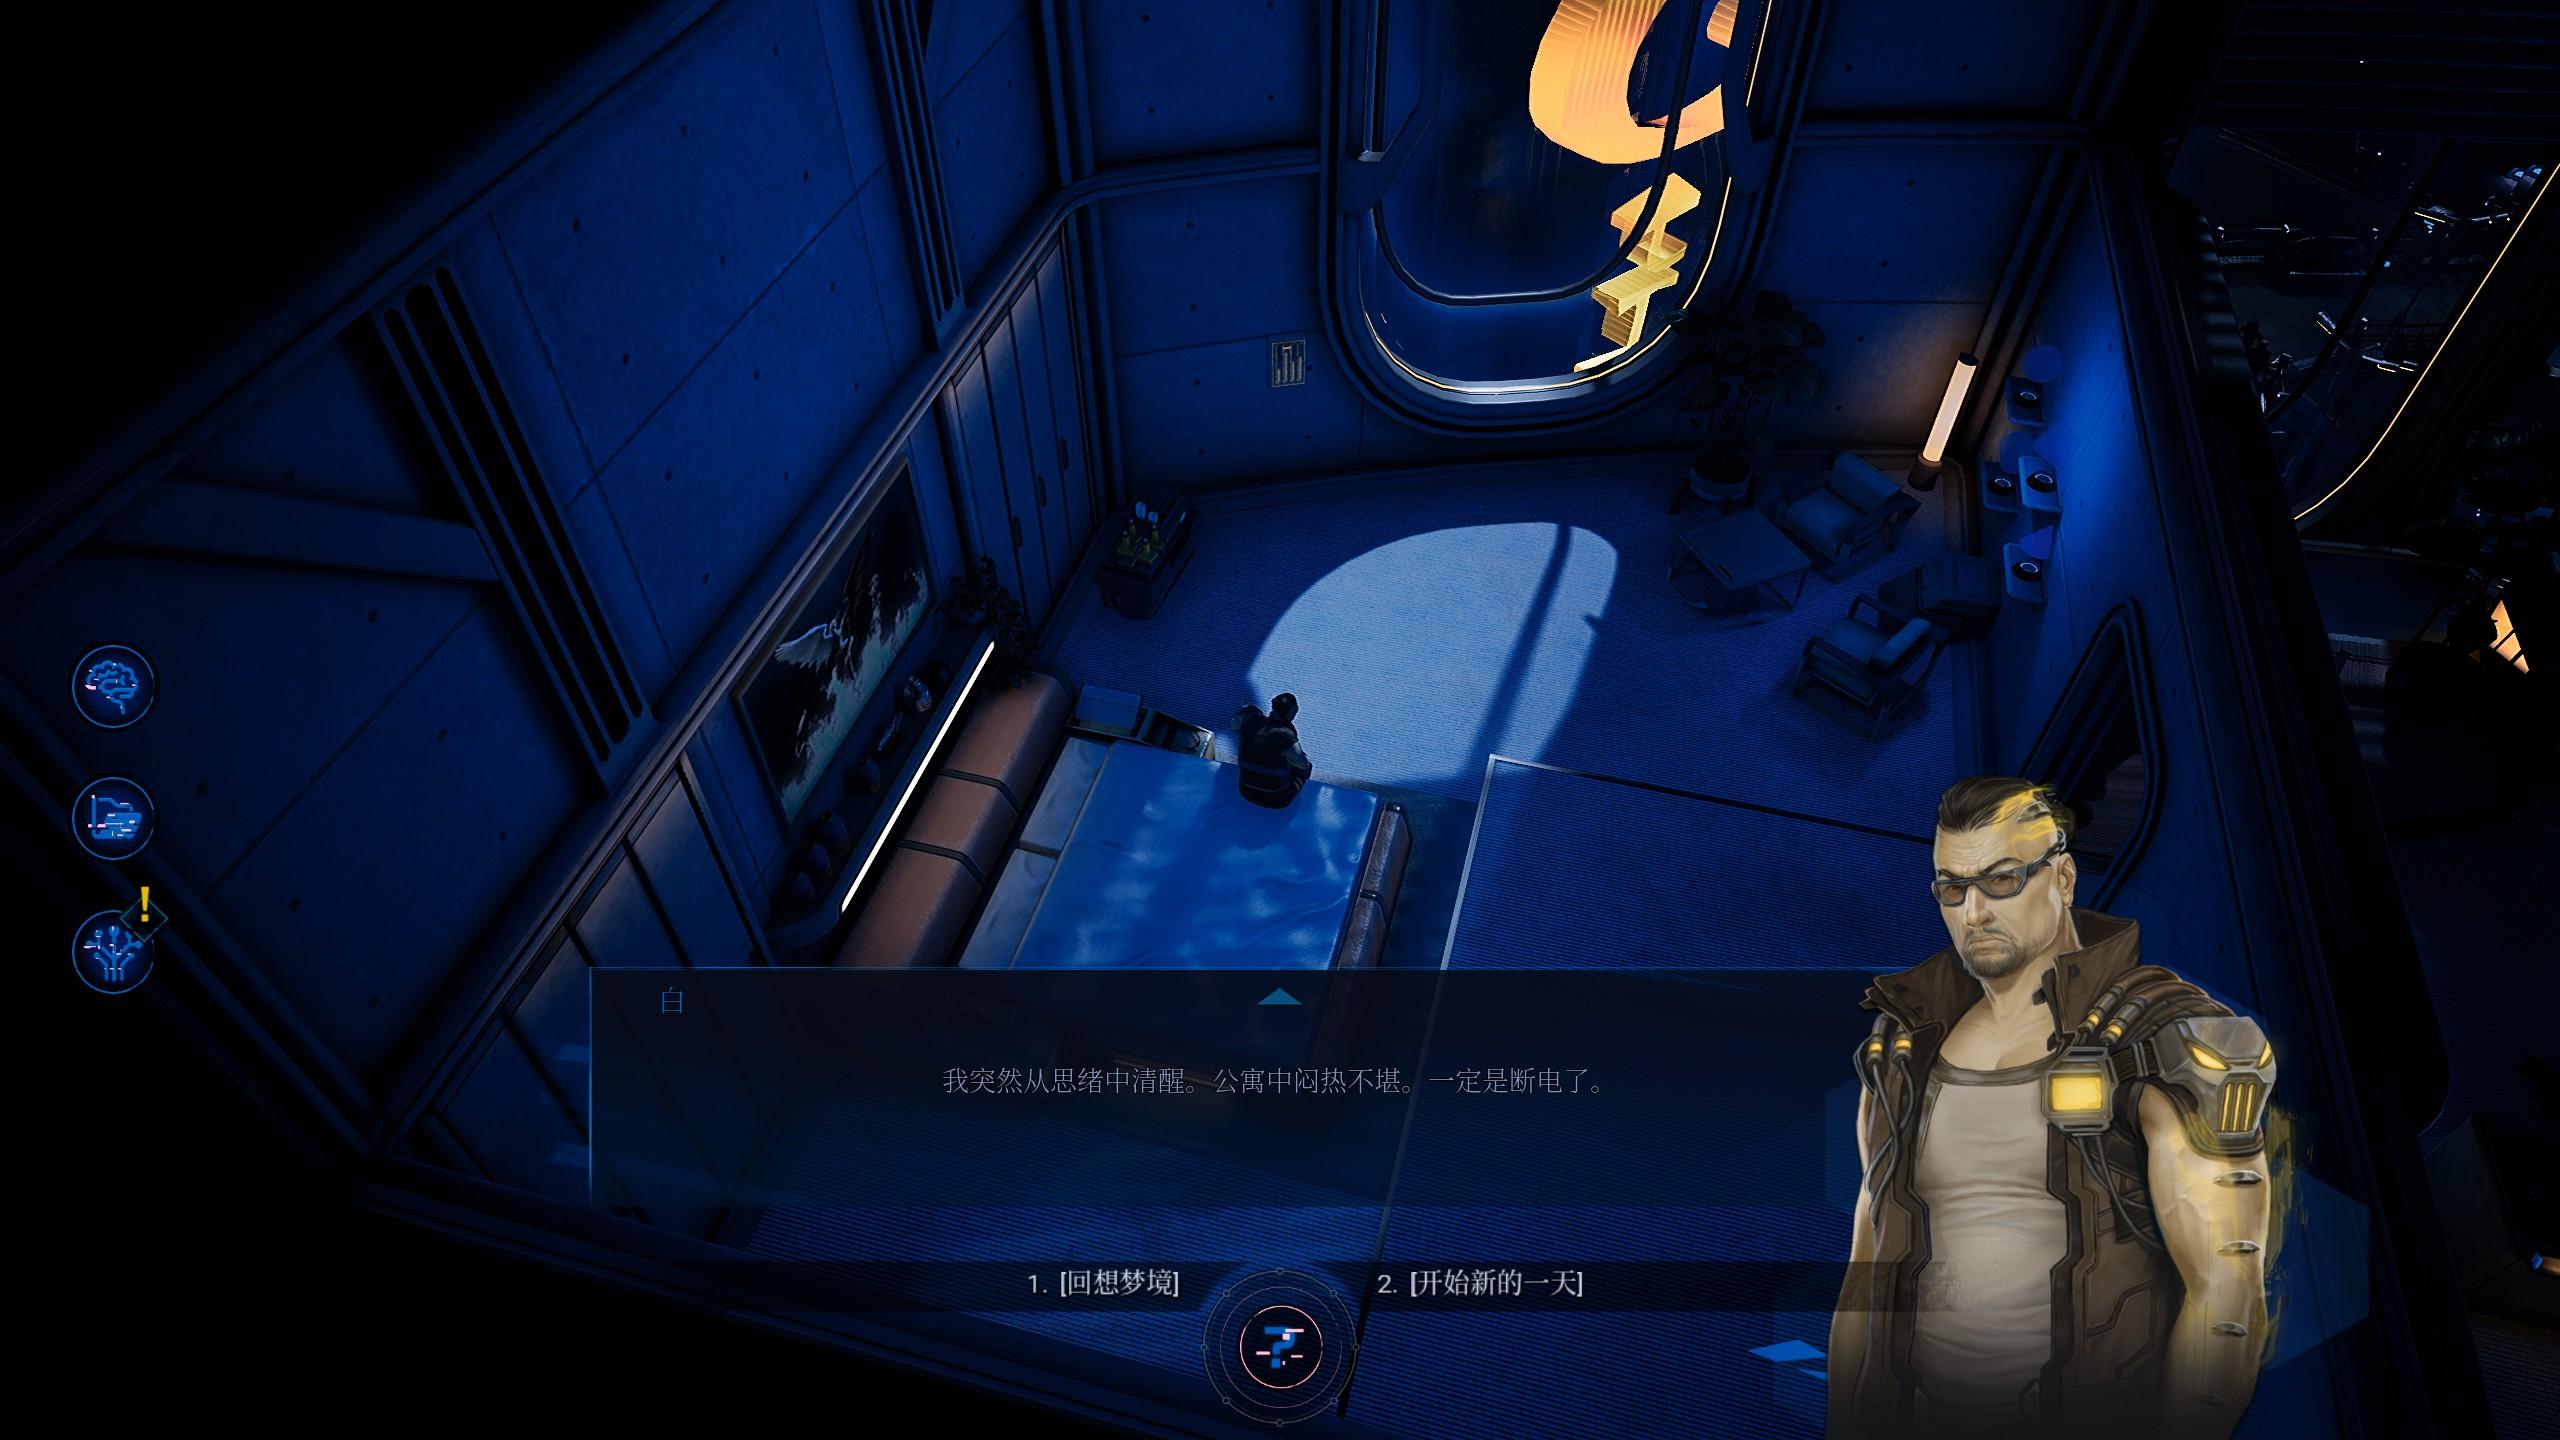 赛博迪斯科——赛博朋克侦探《骇游侠探》现已发售插图7